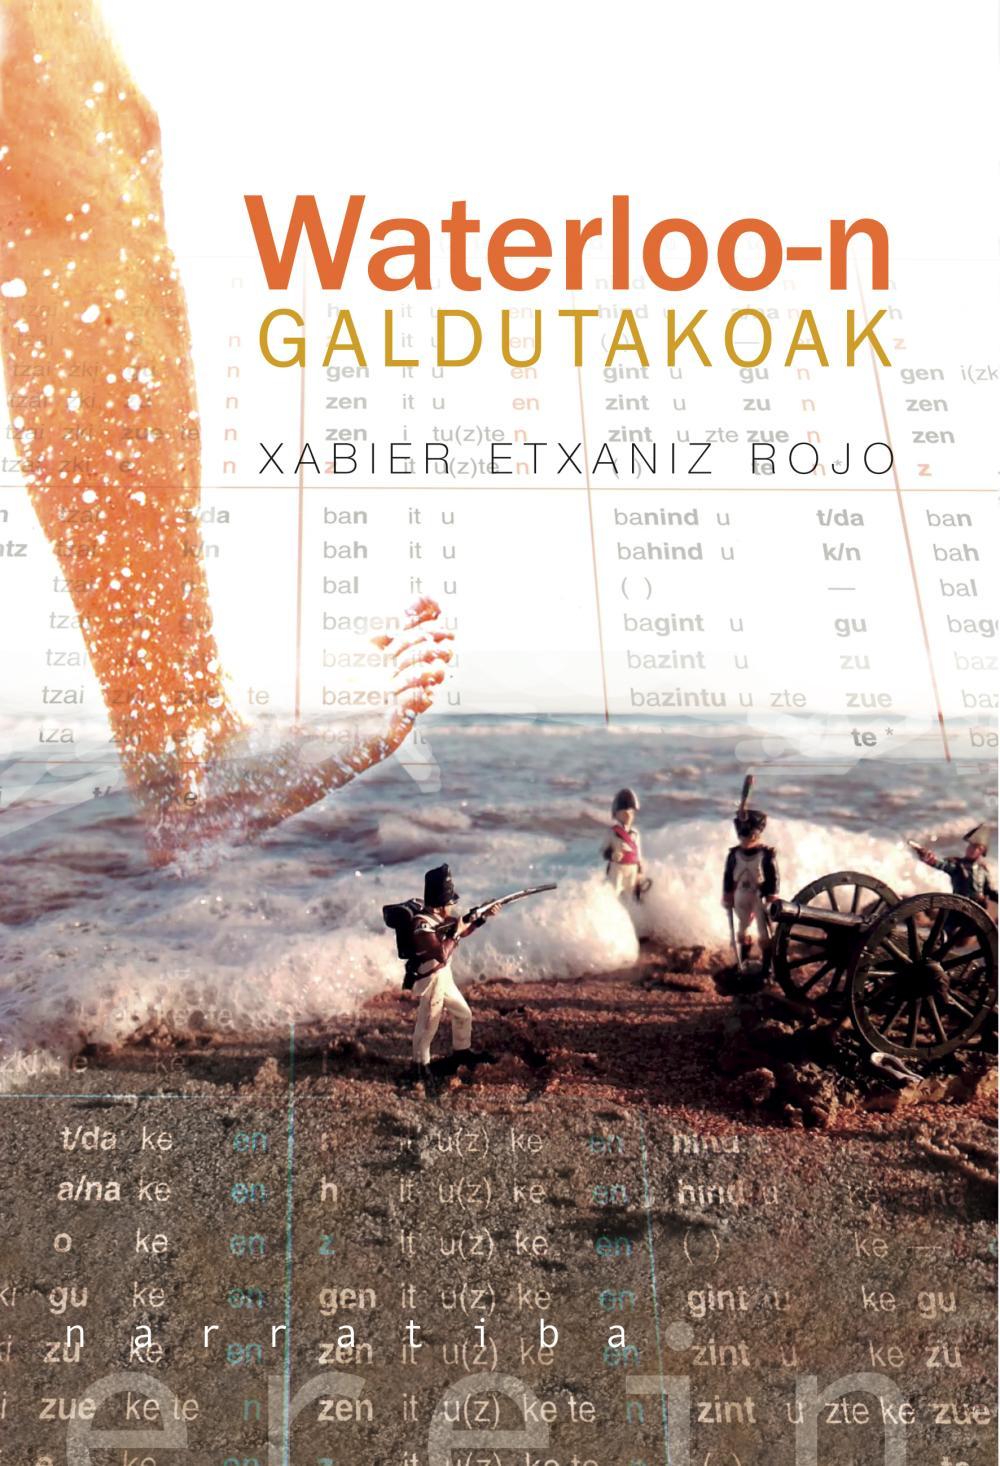 Waterloo-n galdutakoak